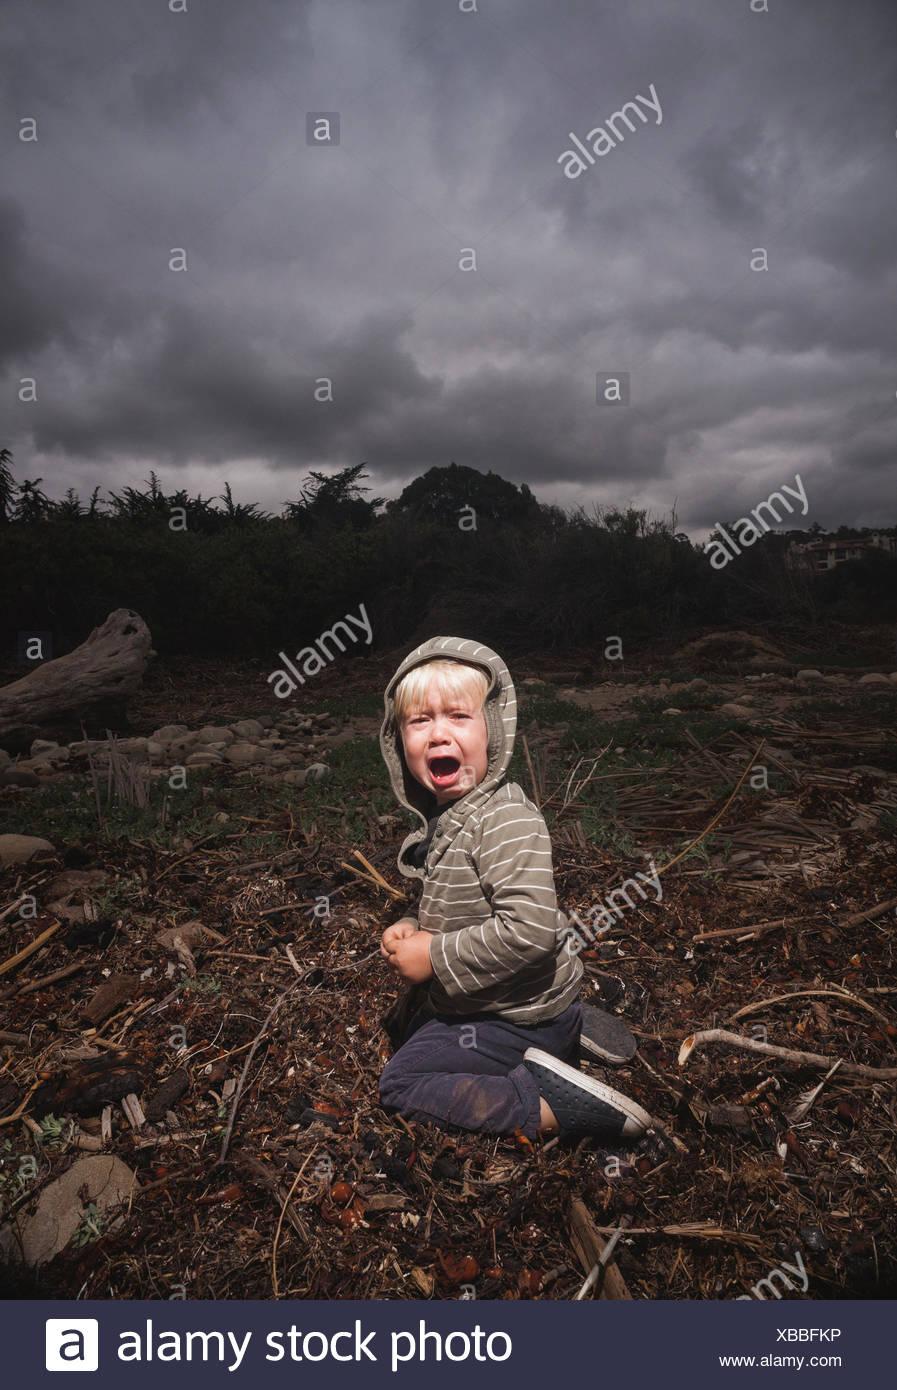 Giovane ragazzo in ginocchio sul suolo gridando contro il cielo in tempesta Immagini Stock